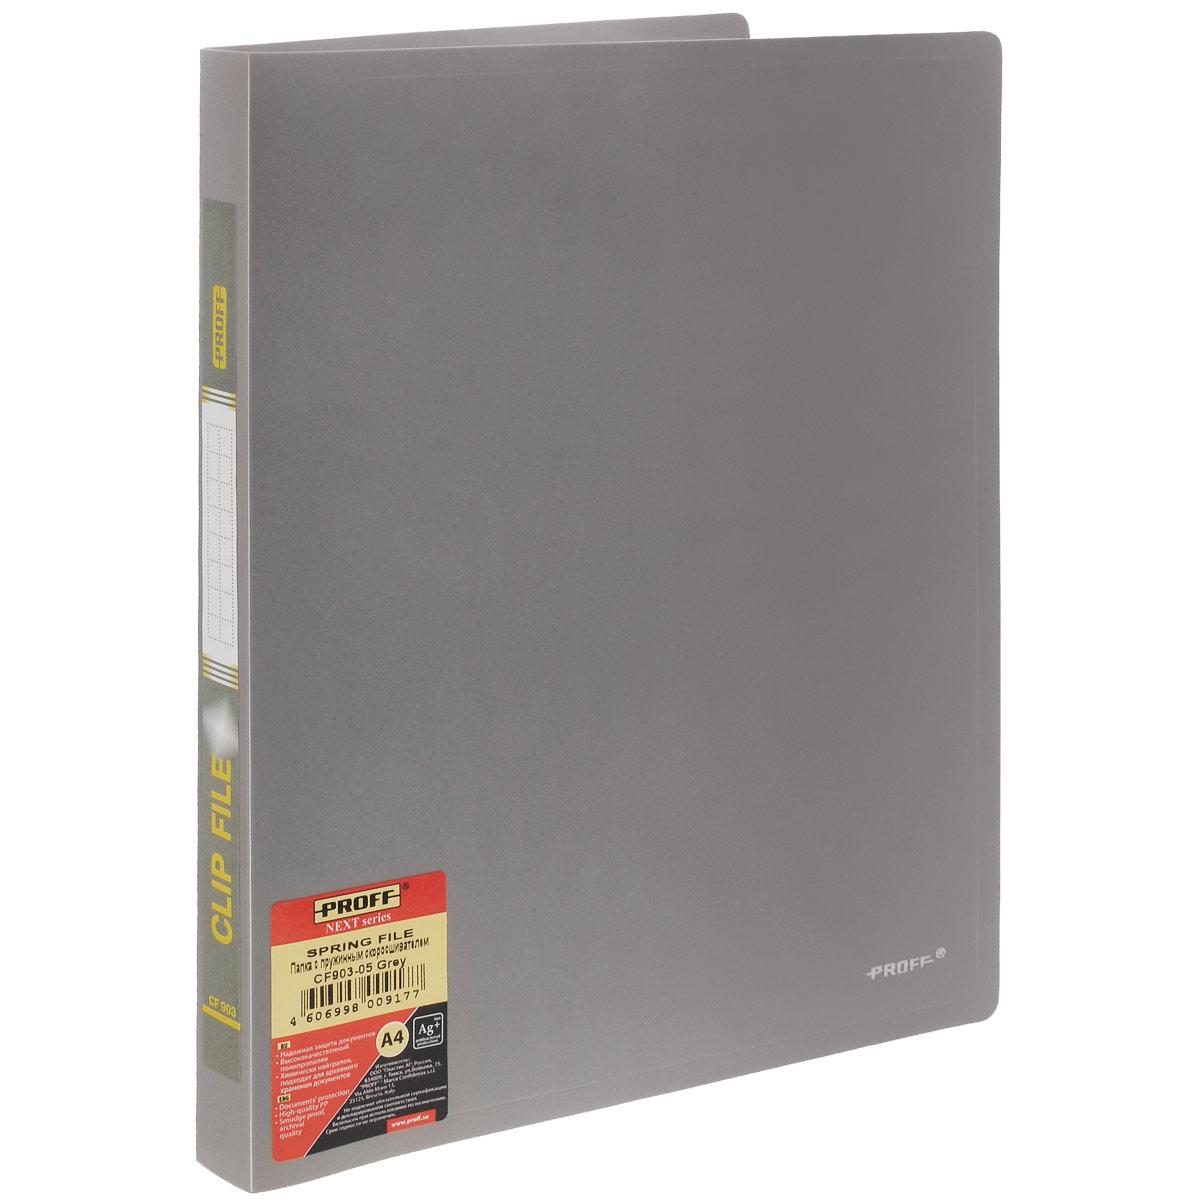 Папка-скоросшиватель Proff Next, цвет: серый. Формат А4. CF903-05CF903-05Папка-скоросшиватель Proff Next - это удобный и практичный офисный инструмент,предназначенный для хранения и транспортировки рабочих бумаг и документовформата А4. Папка изготовлена из высококачественного плотного полипропилена и оснащена металлическим пружинным скоросшивателем. Папка-скоросшиватель - это незаменимый атрибут для студента, школьника,офисного работника. Такая папка надежно сохранит ваши документы и сбережетих от повреждений, пыли и влаги.